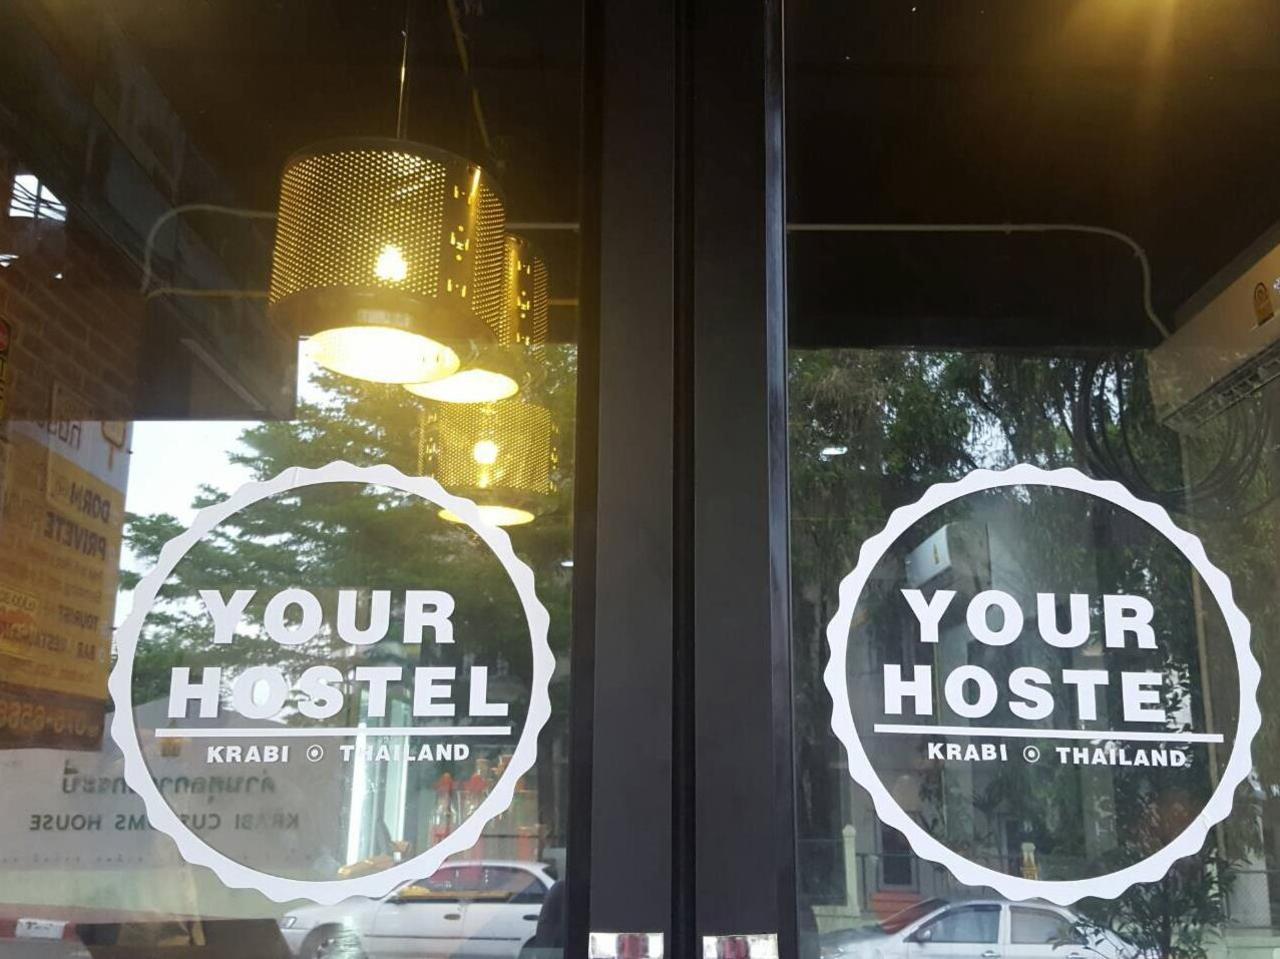 ยัวร์ โฮสเทล (Your Hostel)